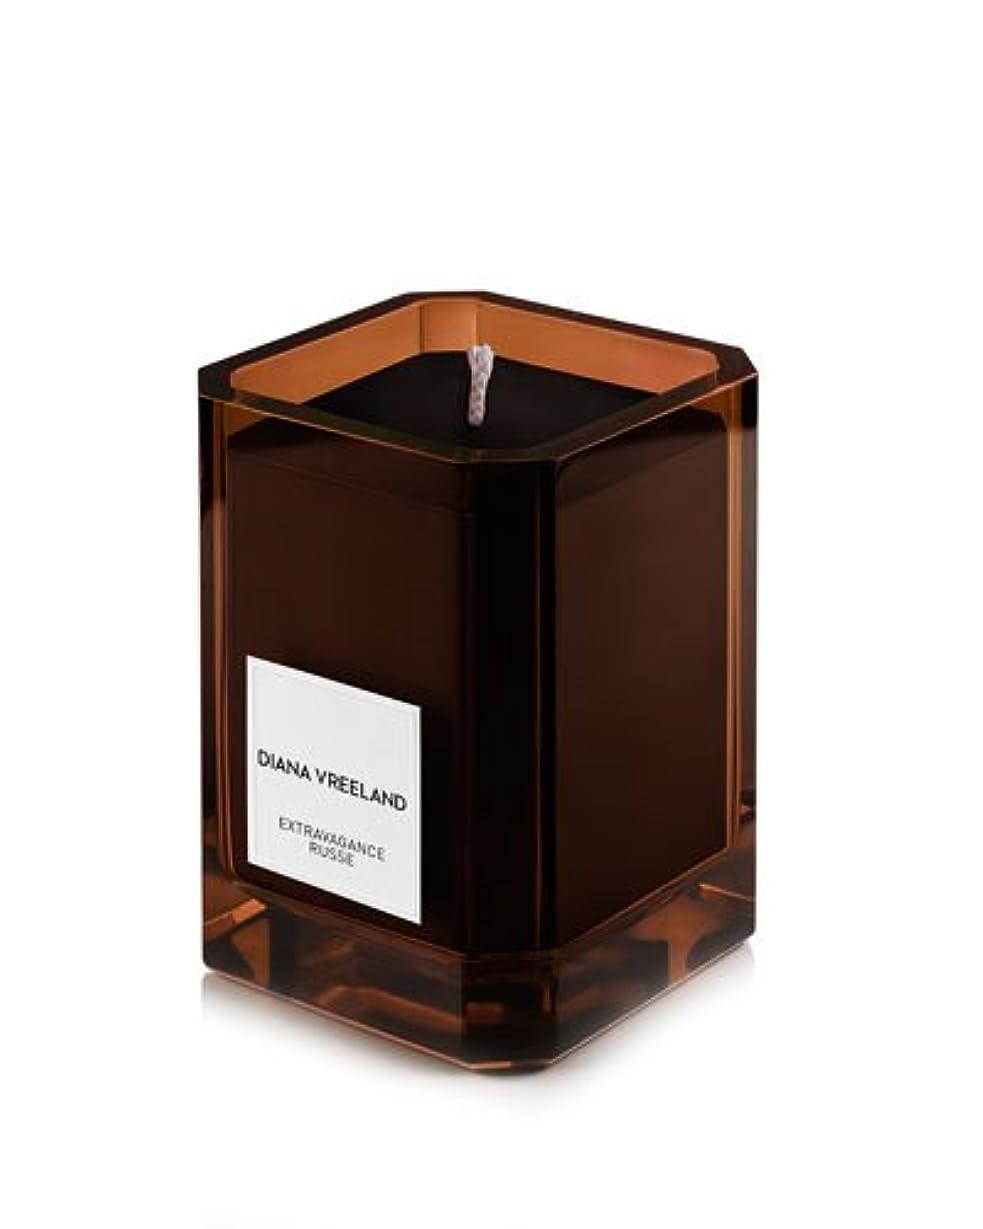 反論すばらしいですクラシックDiana Vreeland Extravagance Russe(ダイアナ ヴリーランド エクストラバガンス リュス) 9.7 oz (291ml) Candle (香りつきキャンドル)